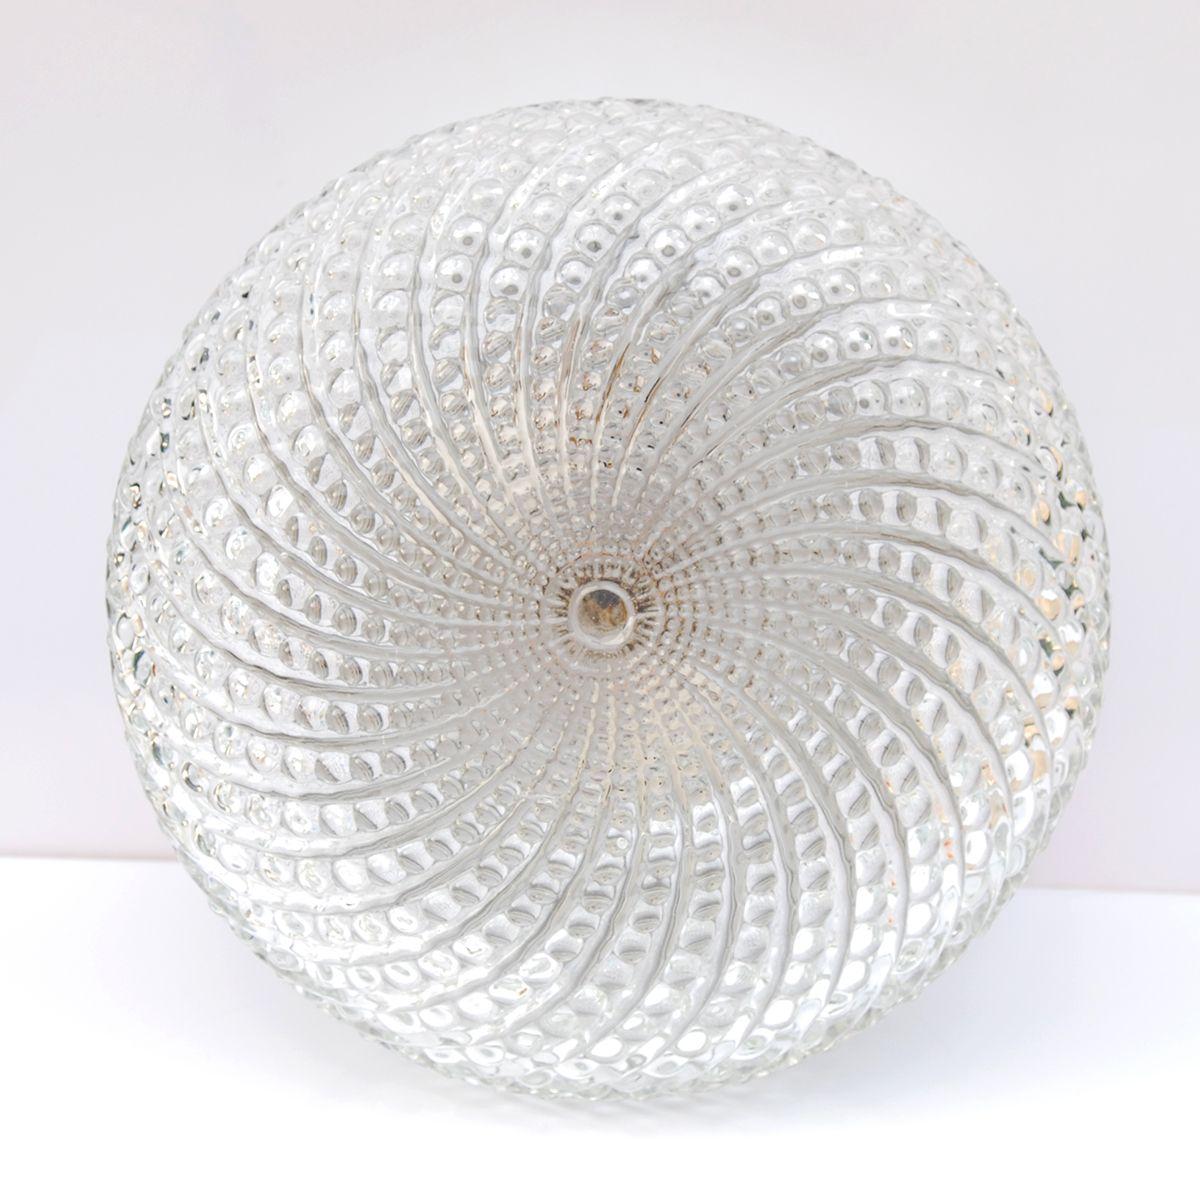 gro e wand oder deckenlampe von fischer leuchten 1970er bei pamono kaufen. Black Bedroom Furniture Sets. Home Design Ideas